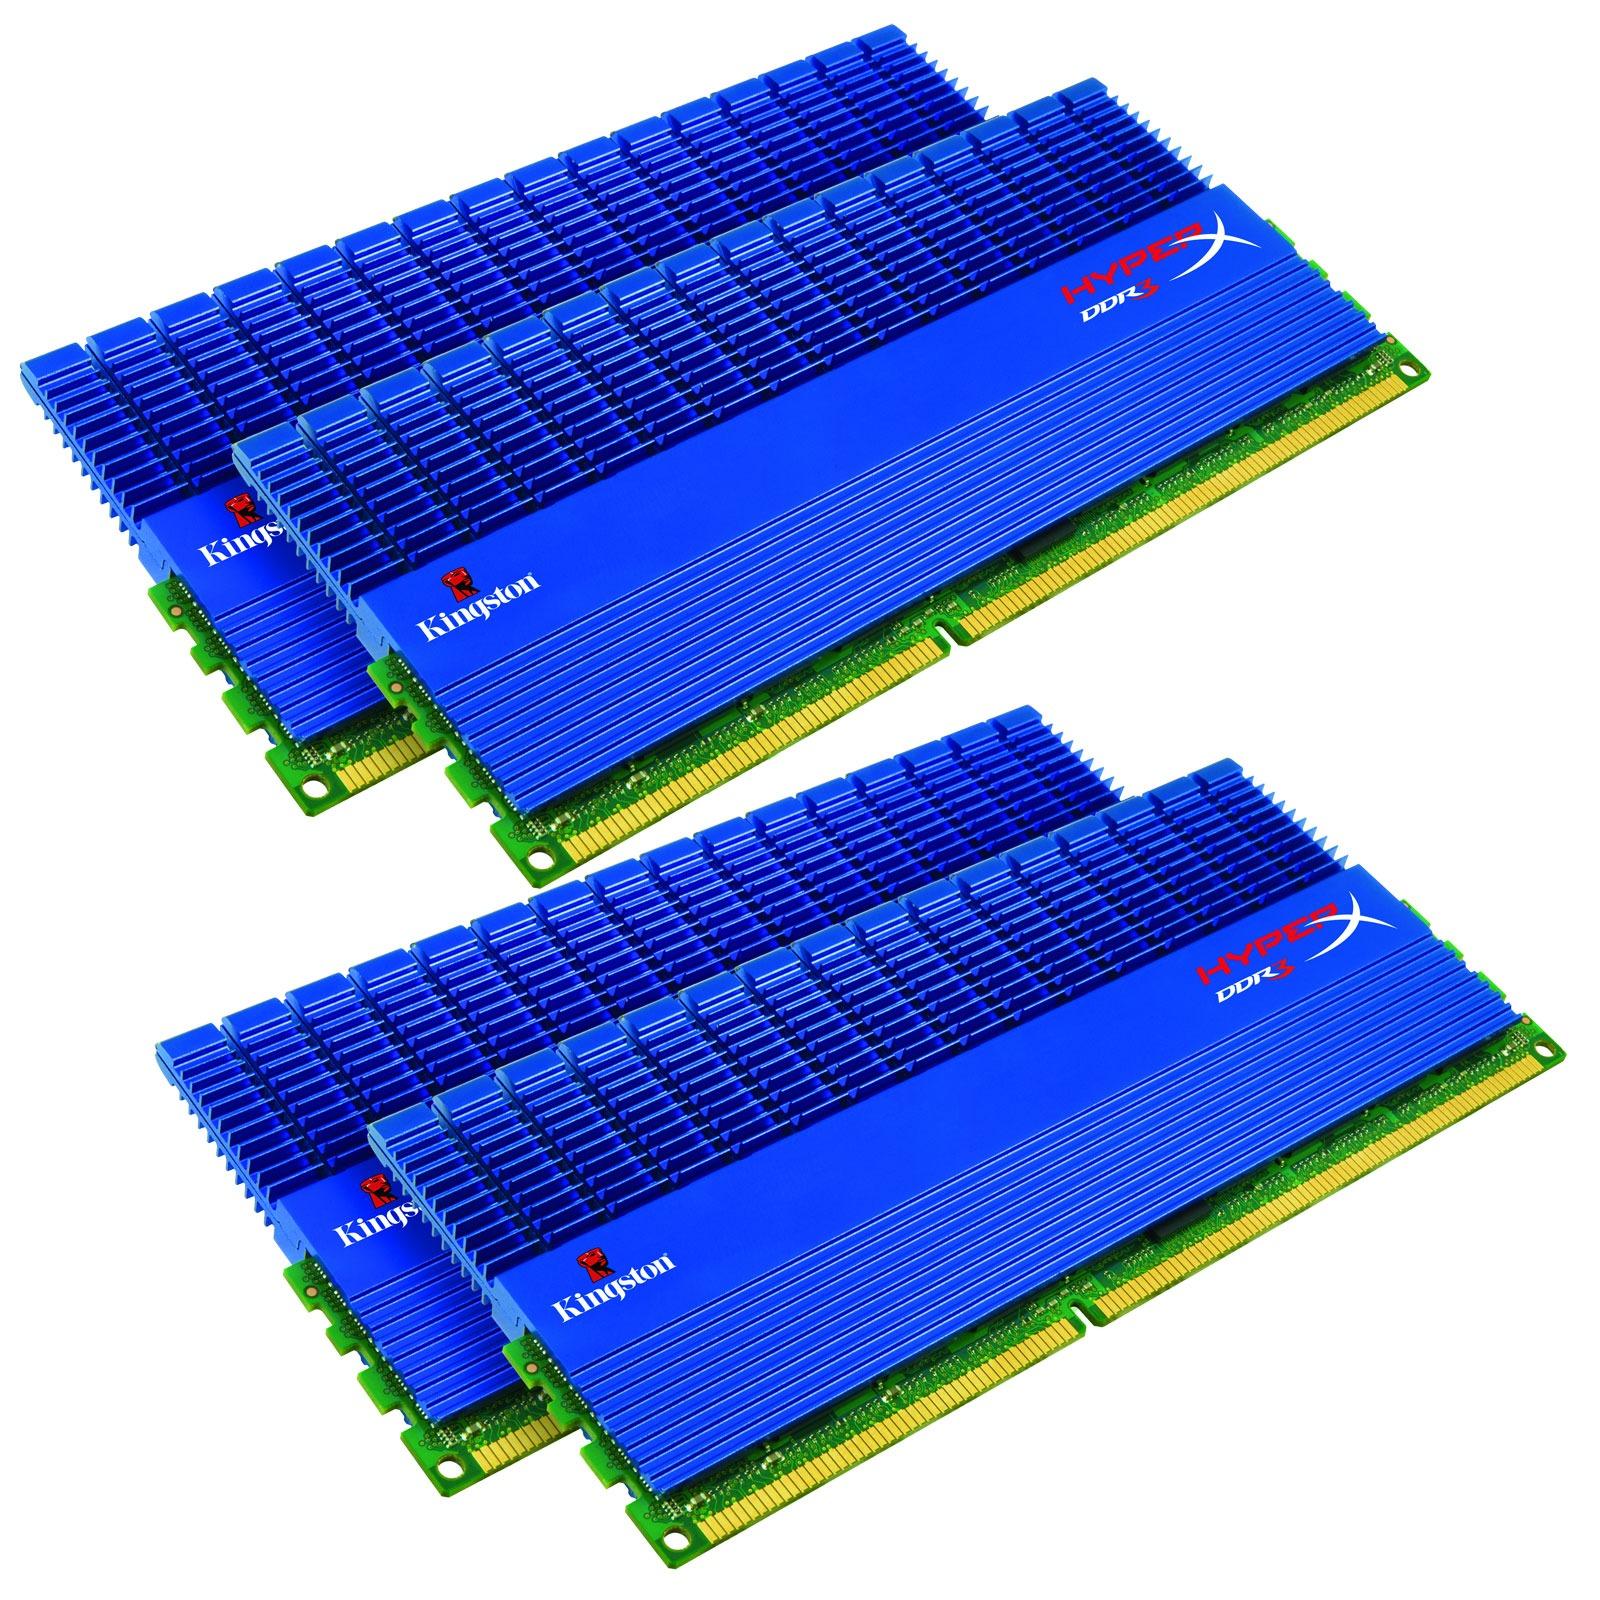 Mémoire PC Kingston XMP T1 16 Go (4x 4Go) DDR3 2000 MHz Kingston XMP T1 16 Go (kit 4x 4 Go) DDR3-SDRAM PC3-16000 CL9 - KHX2000C9D3T1K4/16GX (garantie 10 ans par Kingston)